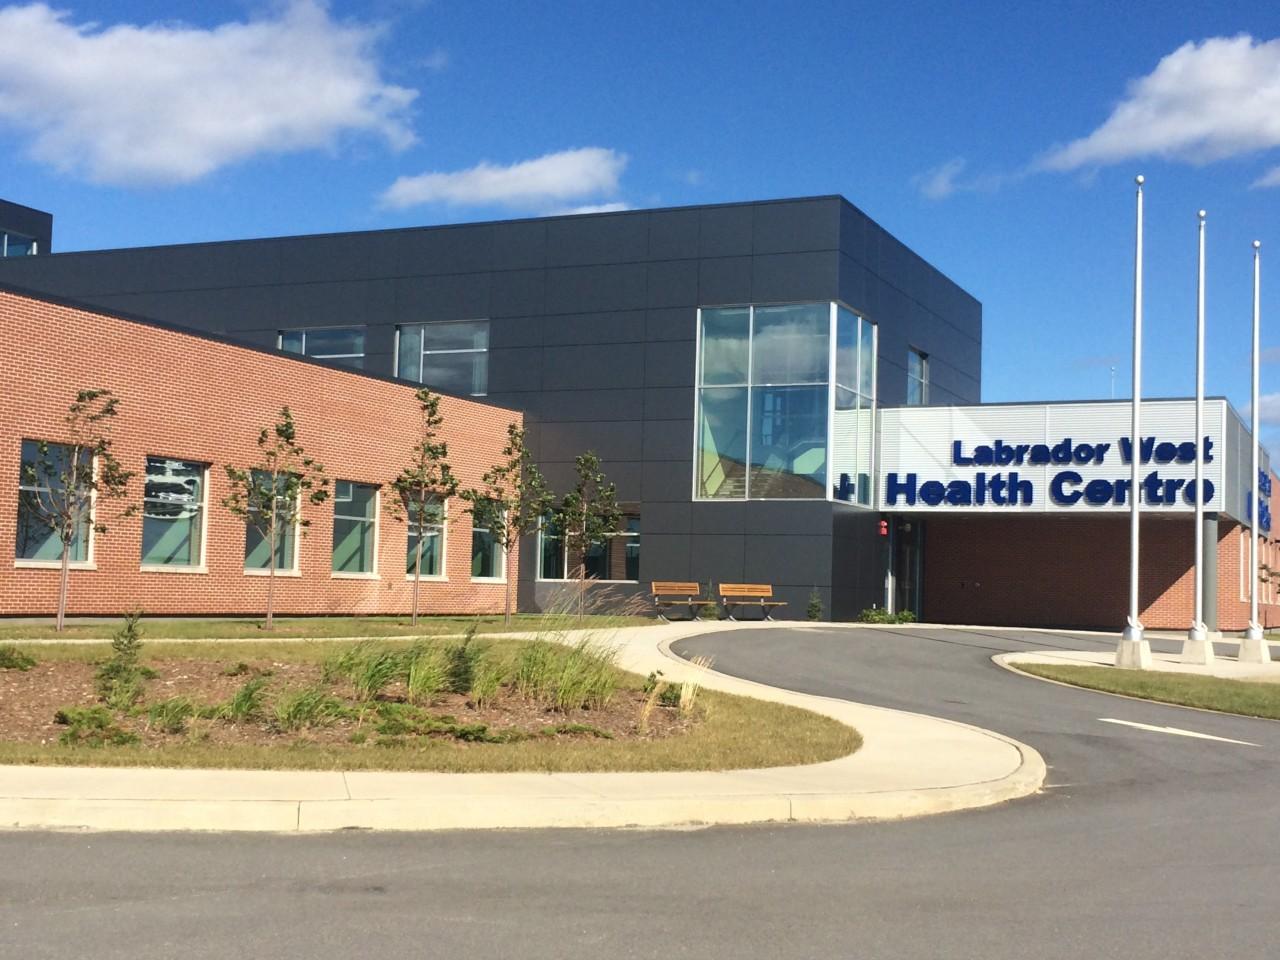 Labrador-West-Hospital-1-e1442865522114-1280x960 (1).jpg